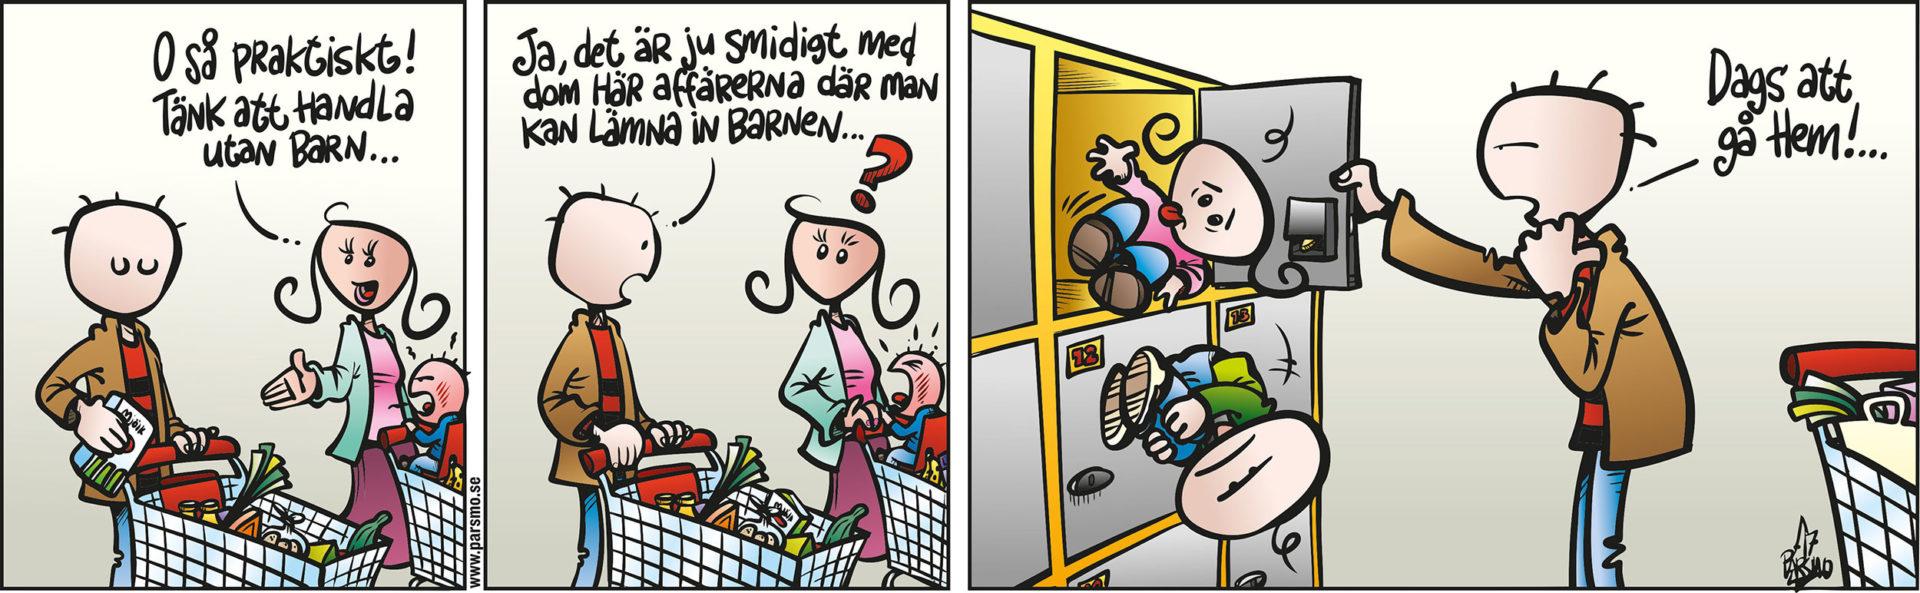 Barnförvaring Anders PArsmo